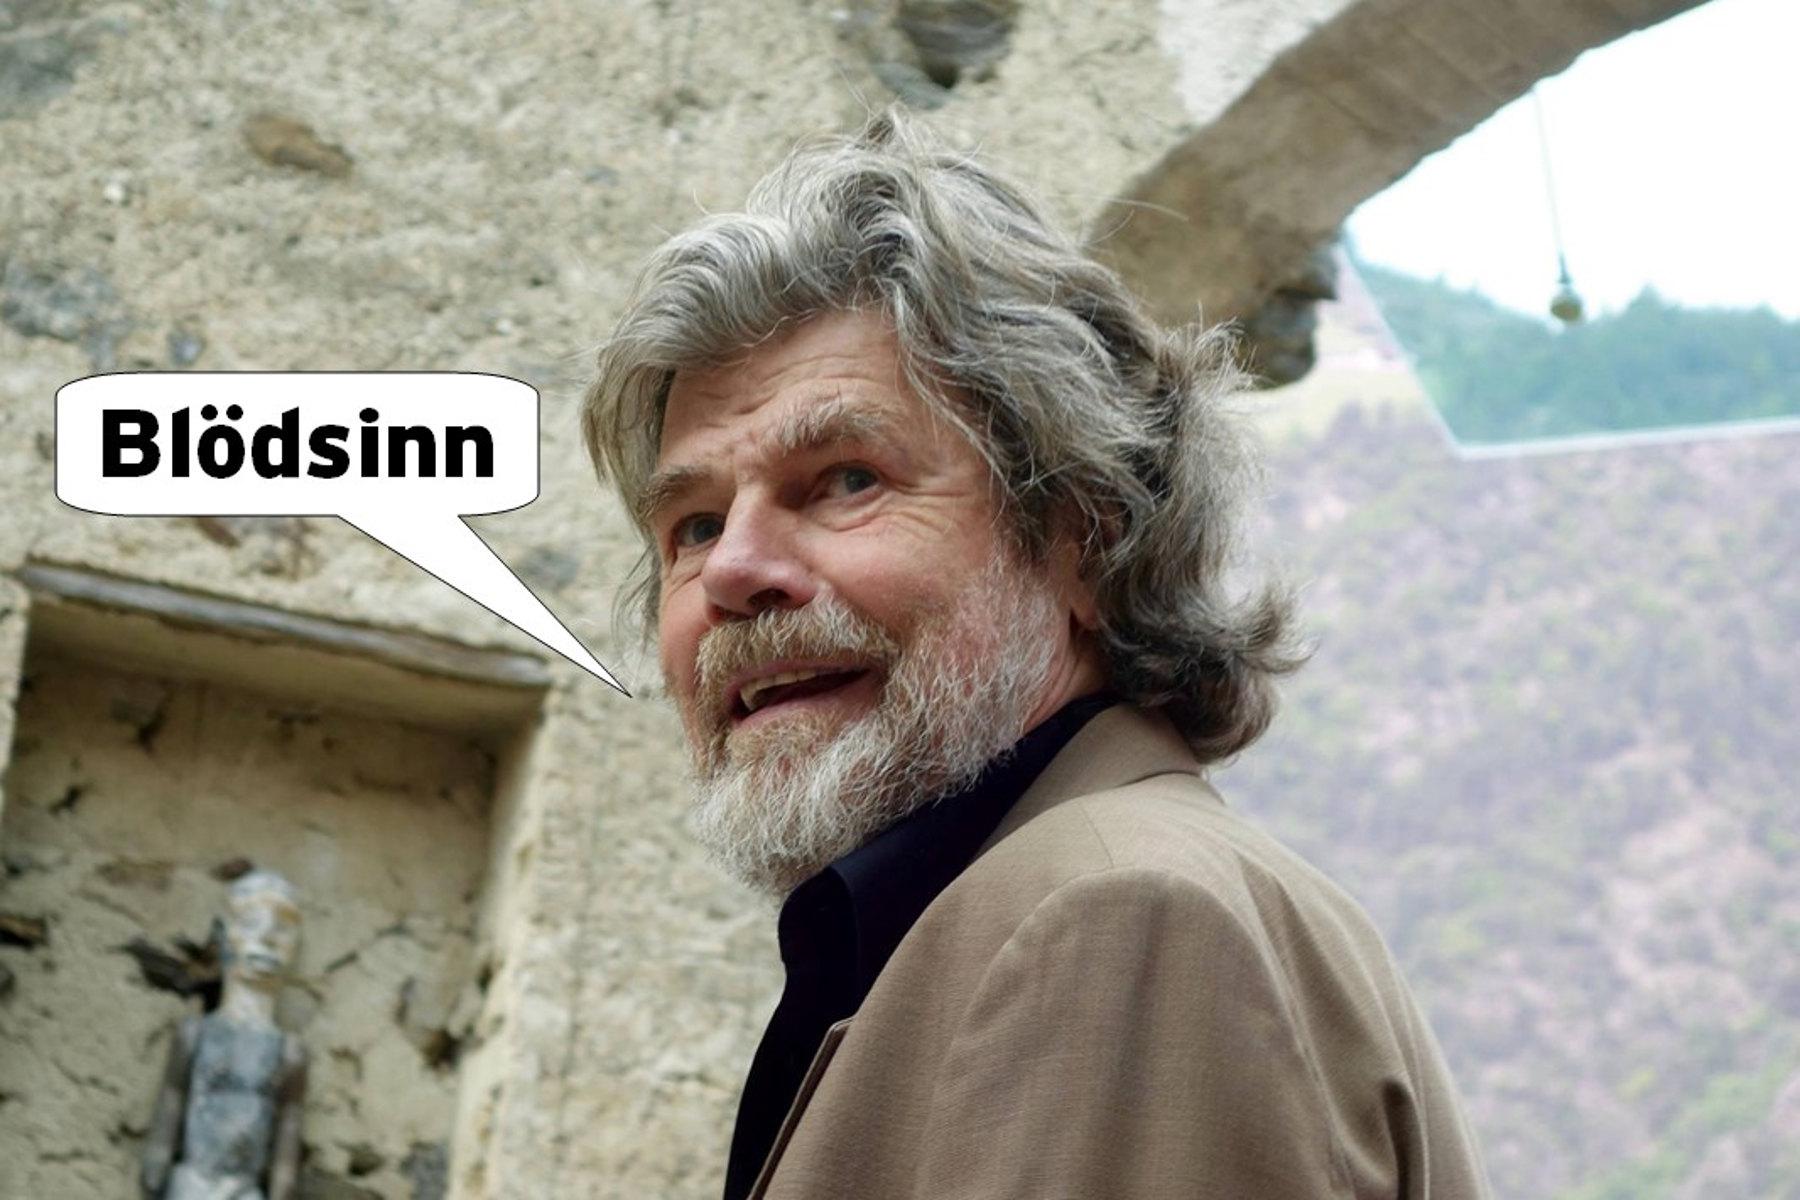 Doppelte StaatsbürgerschaftReinhold Messner redet Blödsinn